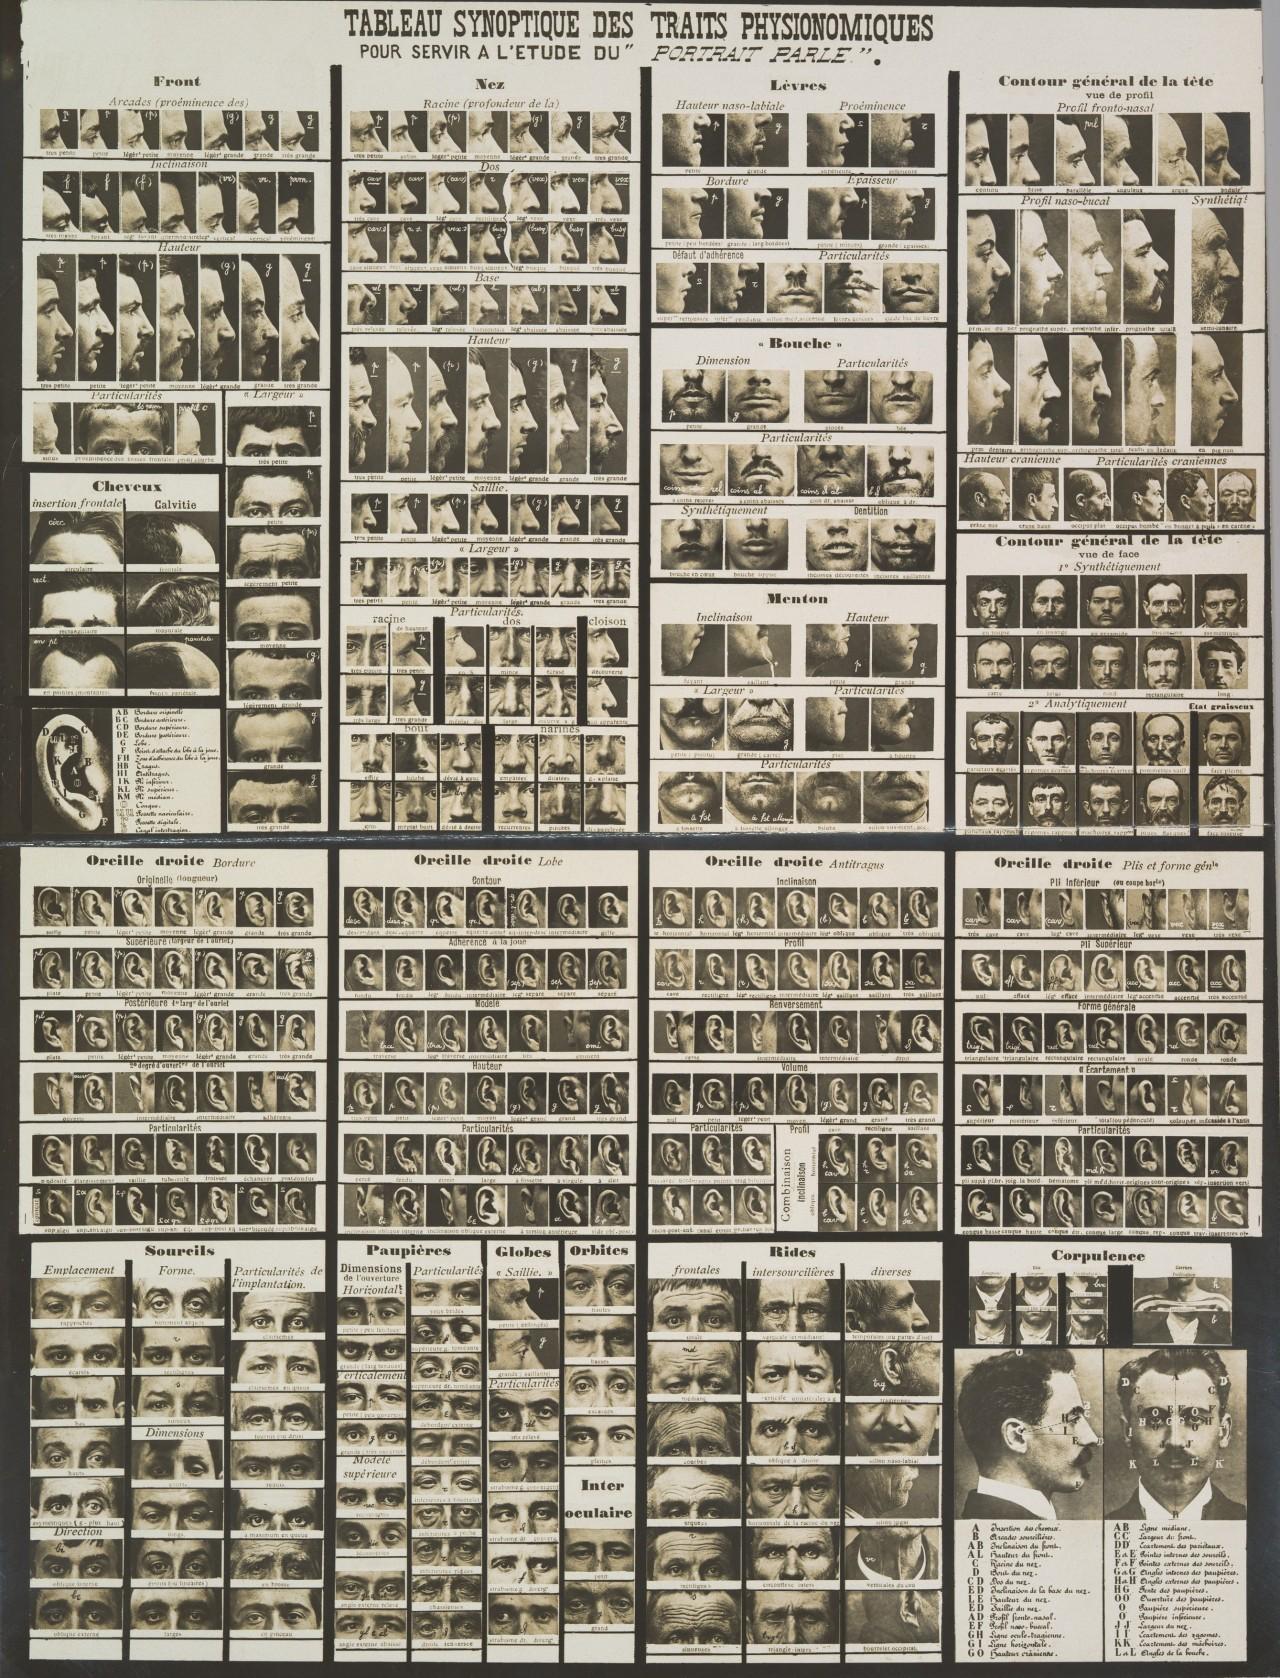 Сводная таблица физиогномических черт для изучения «разговорного портрета» в криминалистике, 1909. Автор Альфонс Бертильон